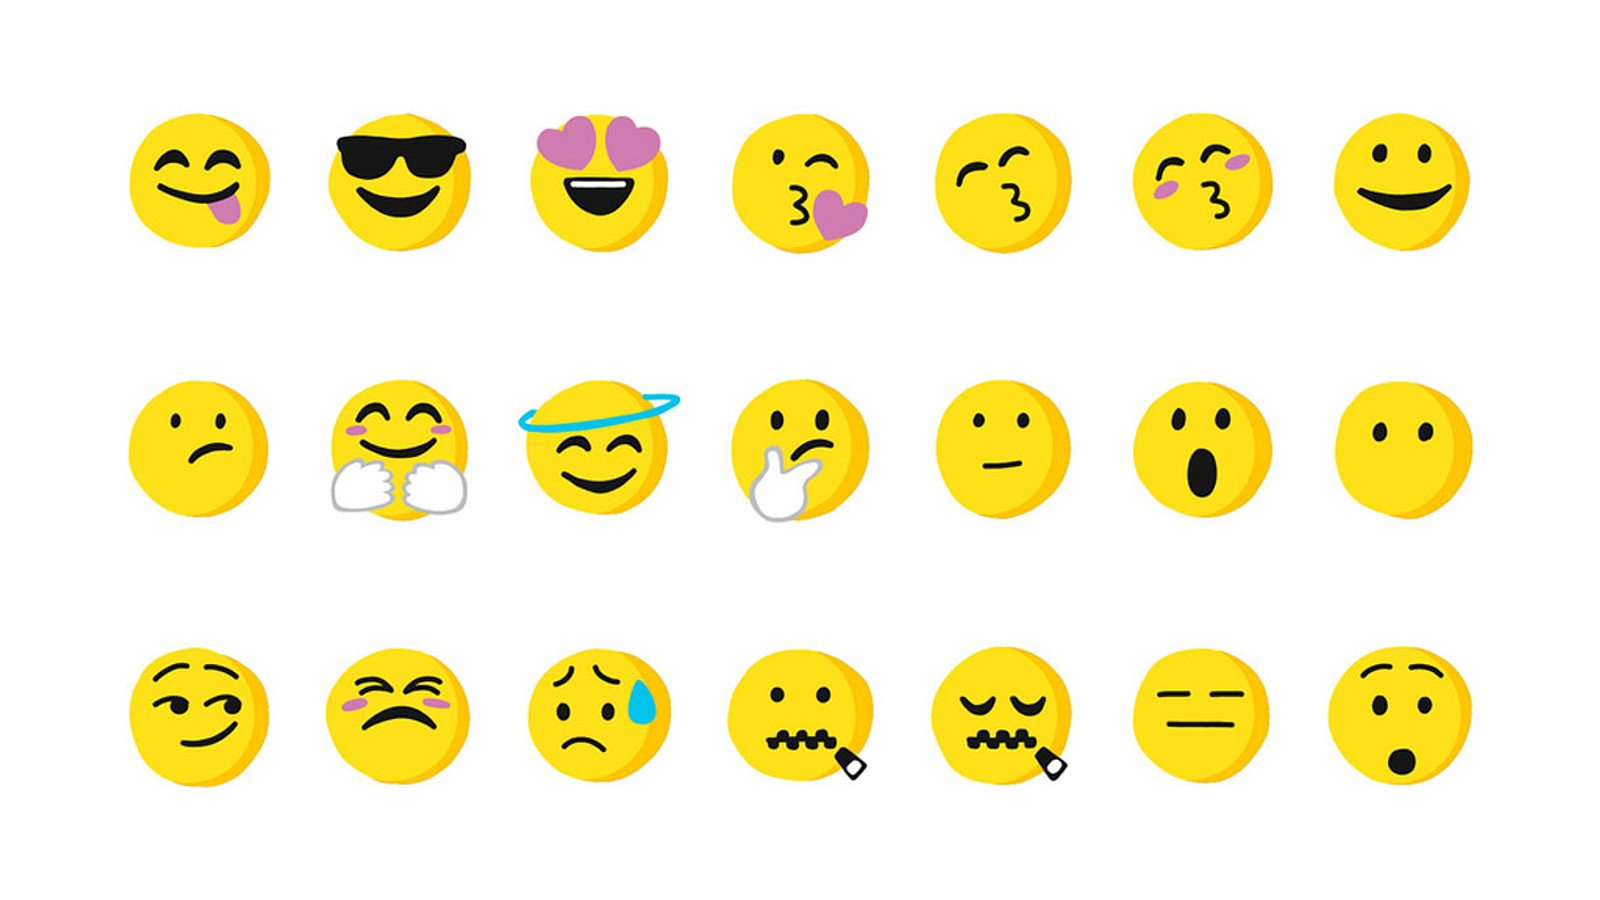 Emojis erklärung 👻 Snapchat